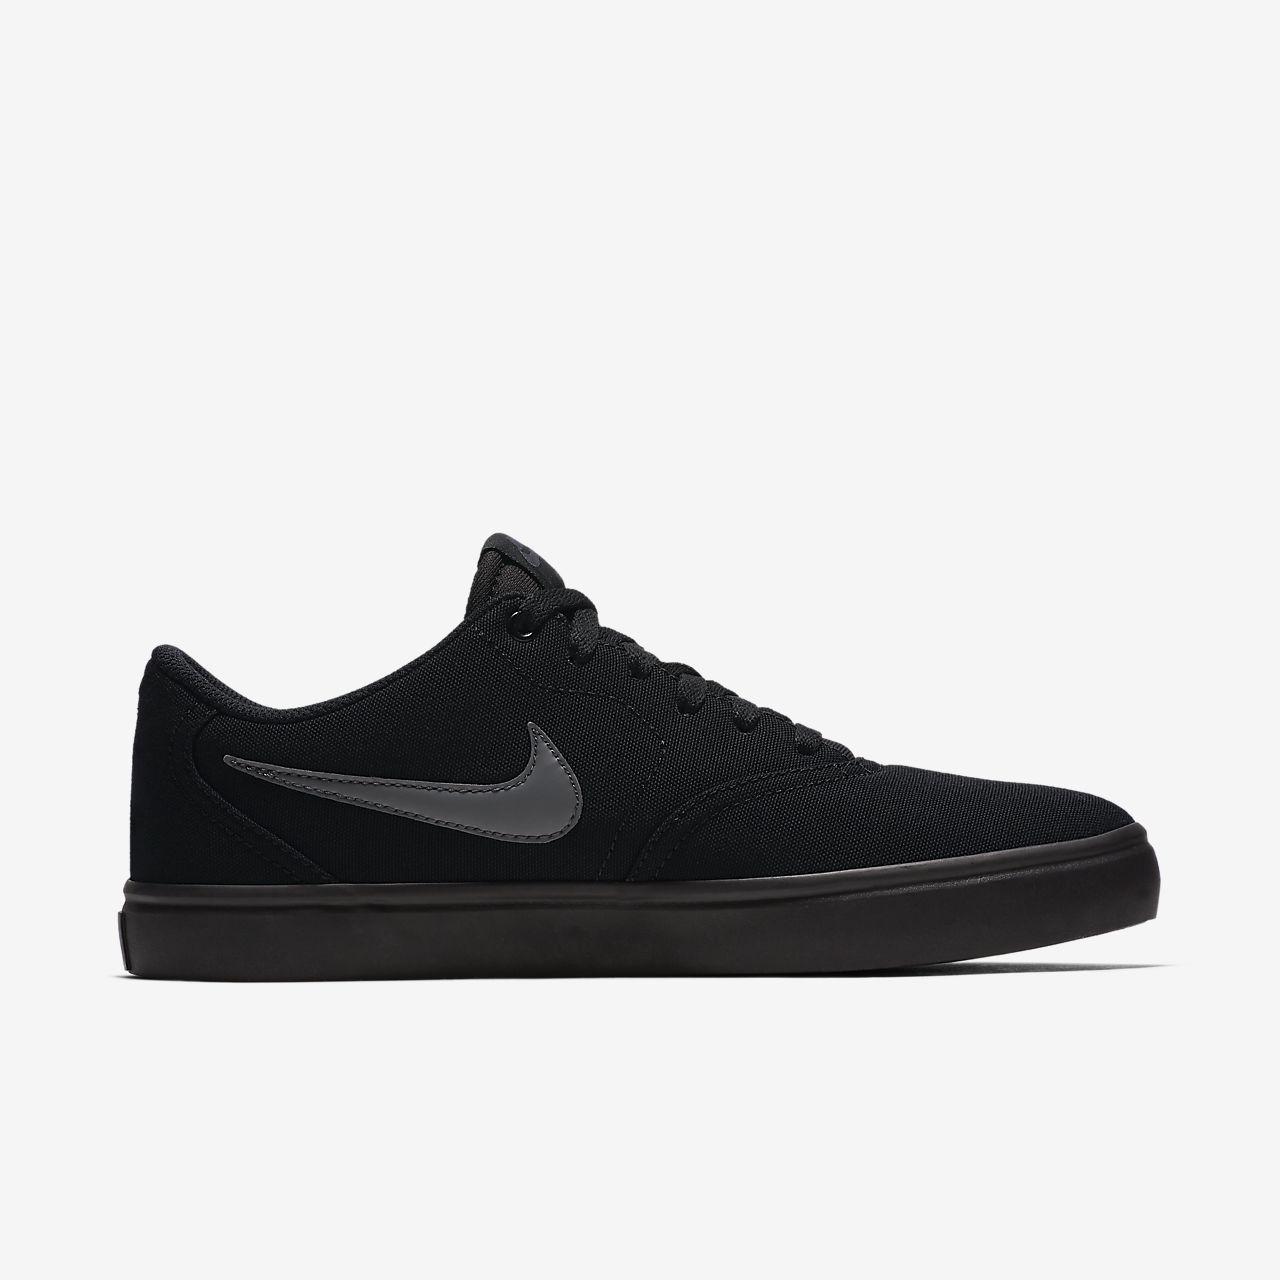 Køb Nike SB Blazer Lav Mænd MørkeGråSort,Nike Skate Sko